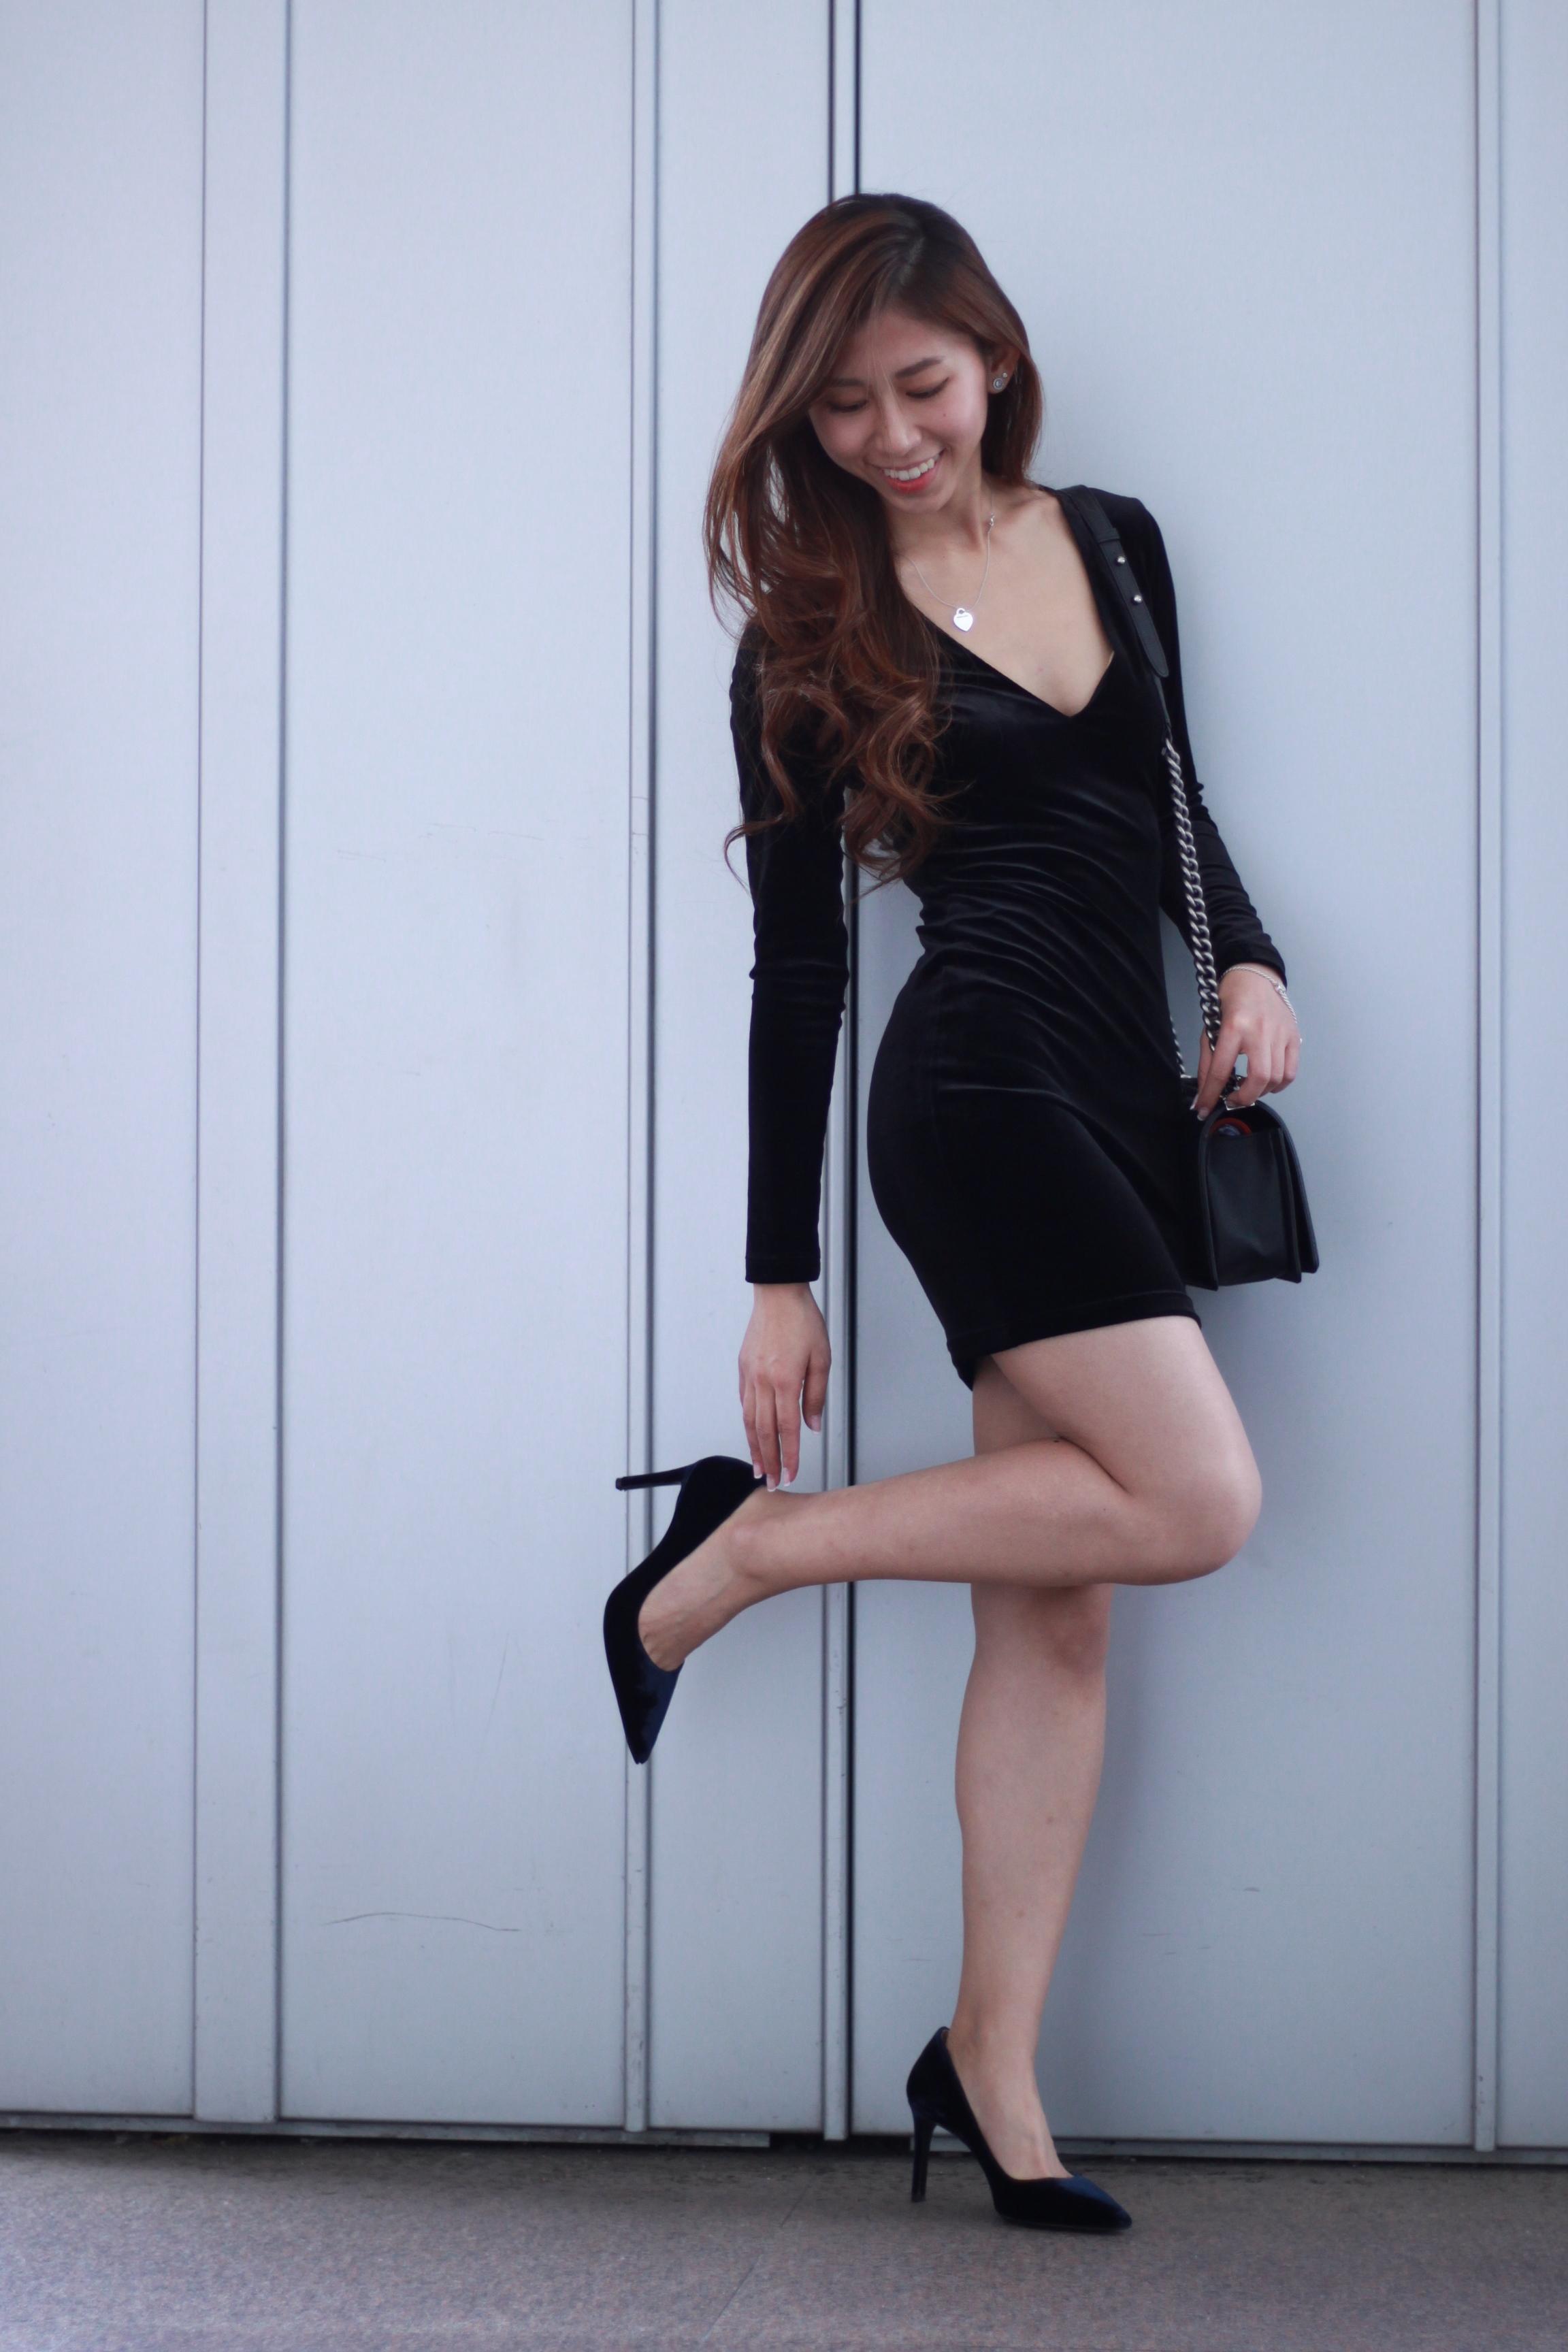 On me: Topshop velvet black dress / Prada velvet pumps / Chanel Boy